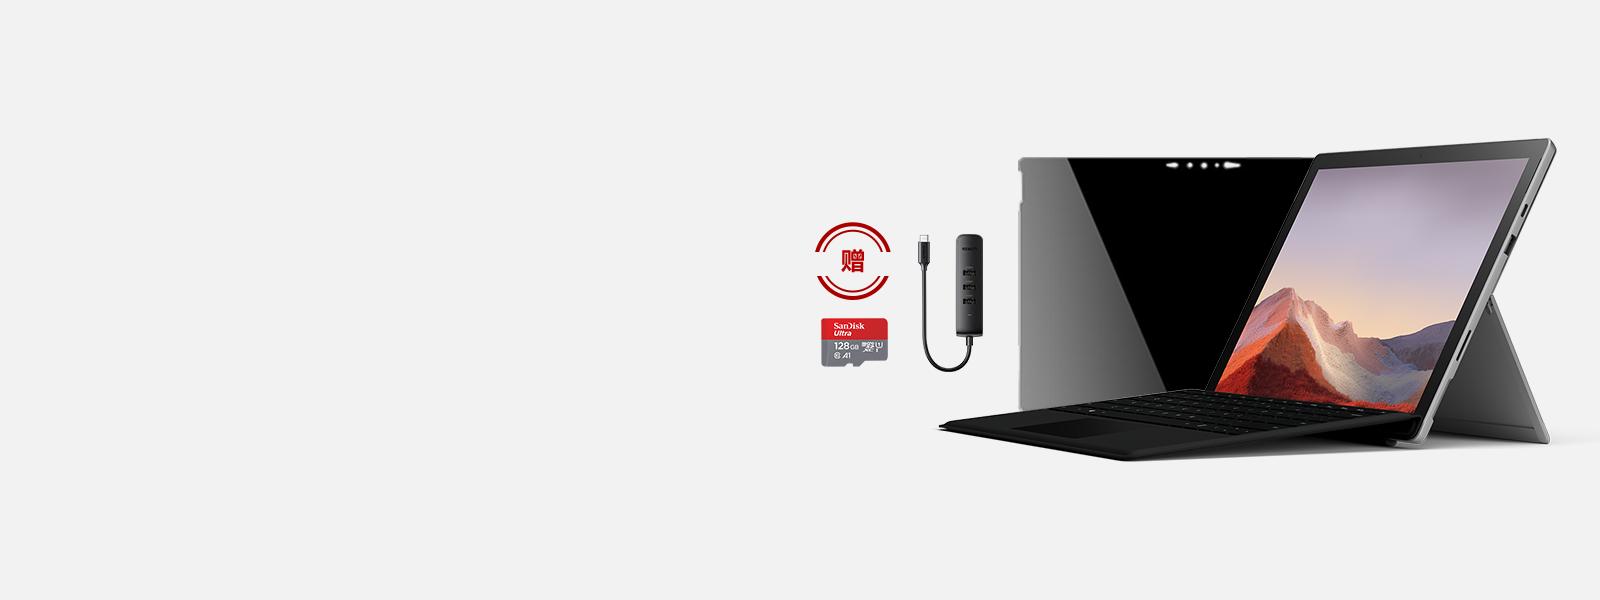 Surface Pro 7 键盘盖套餐